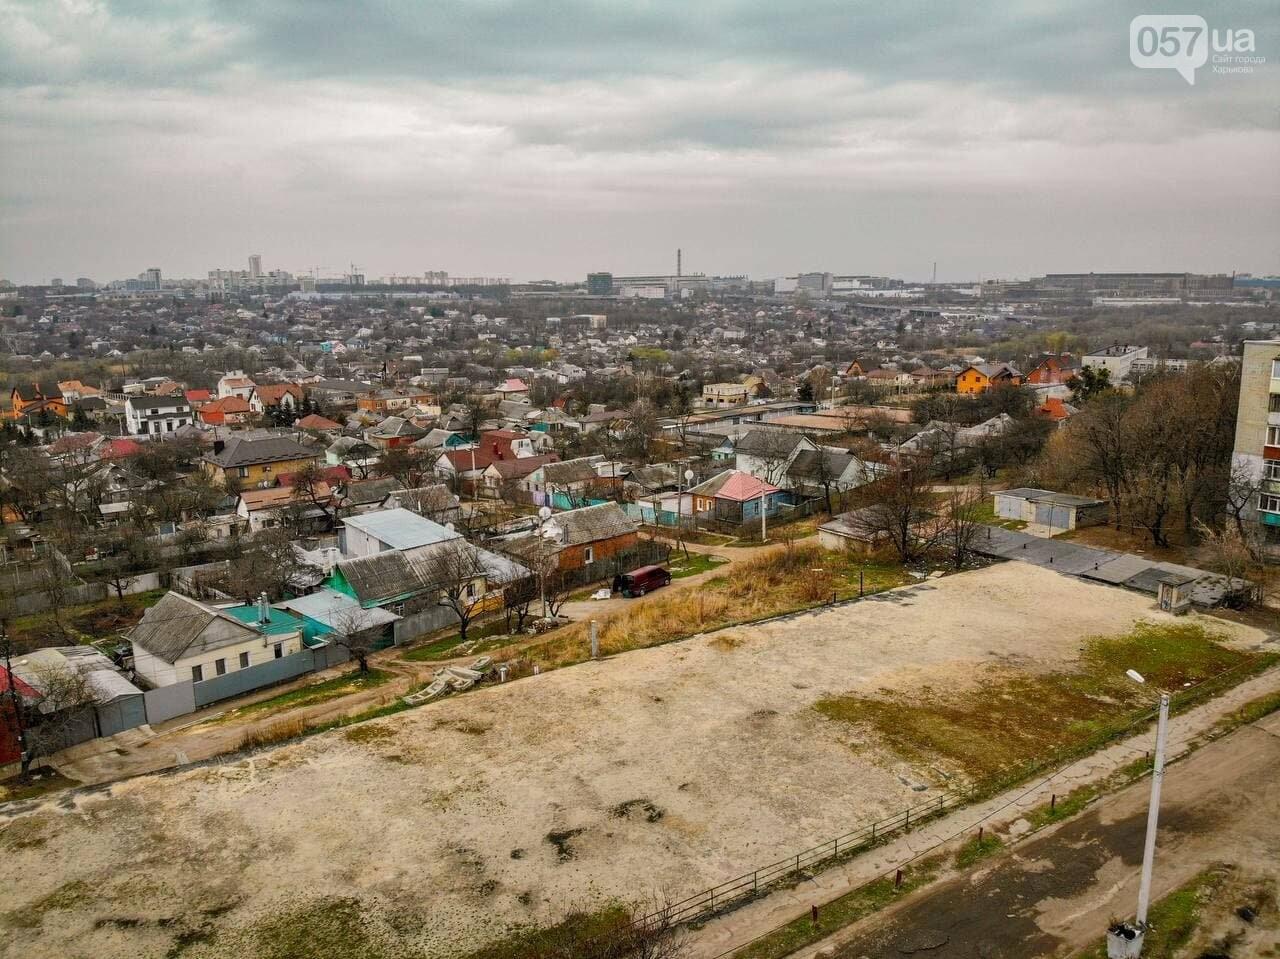 ТОП обзорных площадок Харькова, с которых открывается красивый вид на город, - ФОТО, фото-12